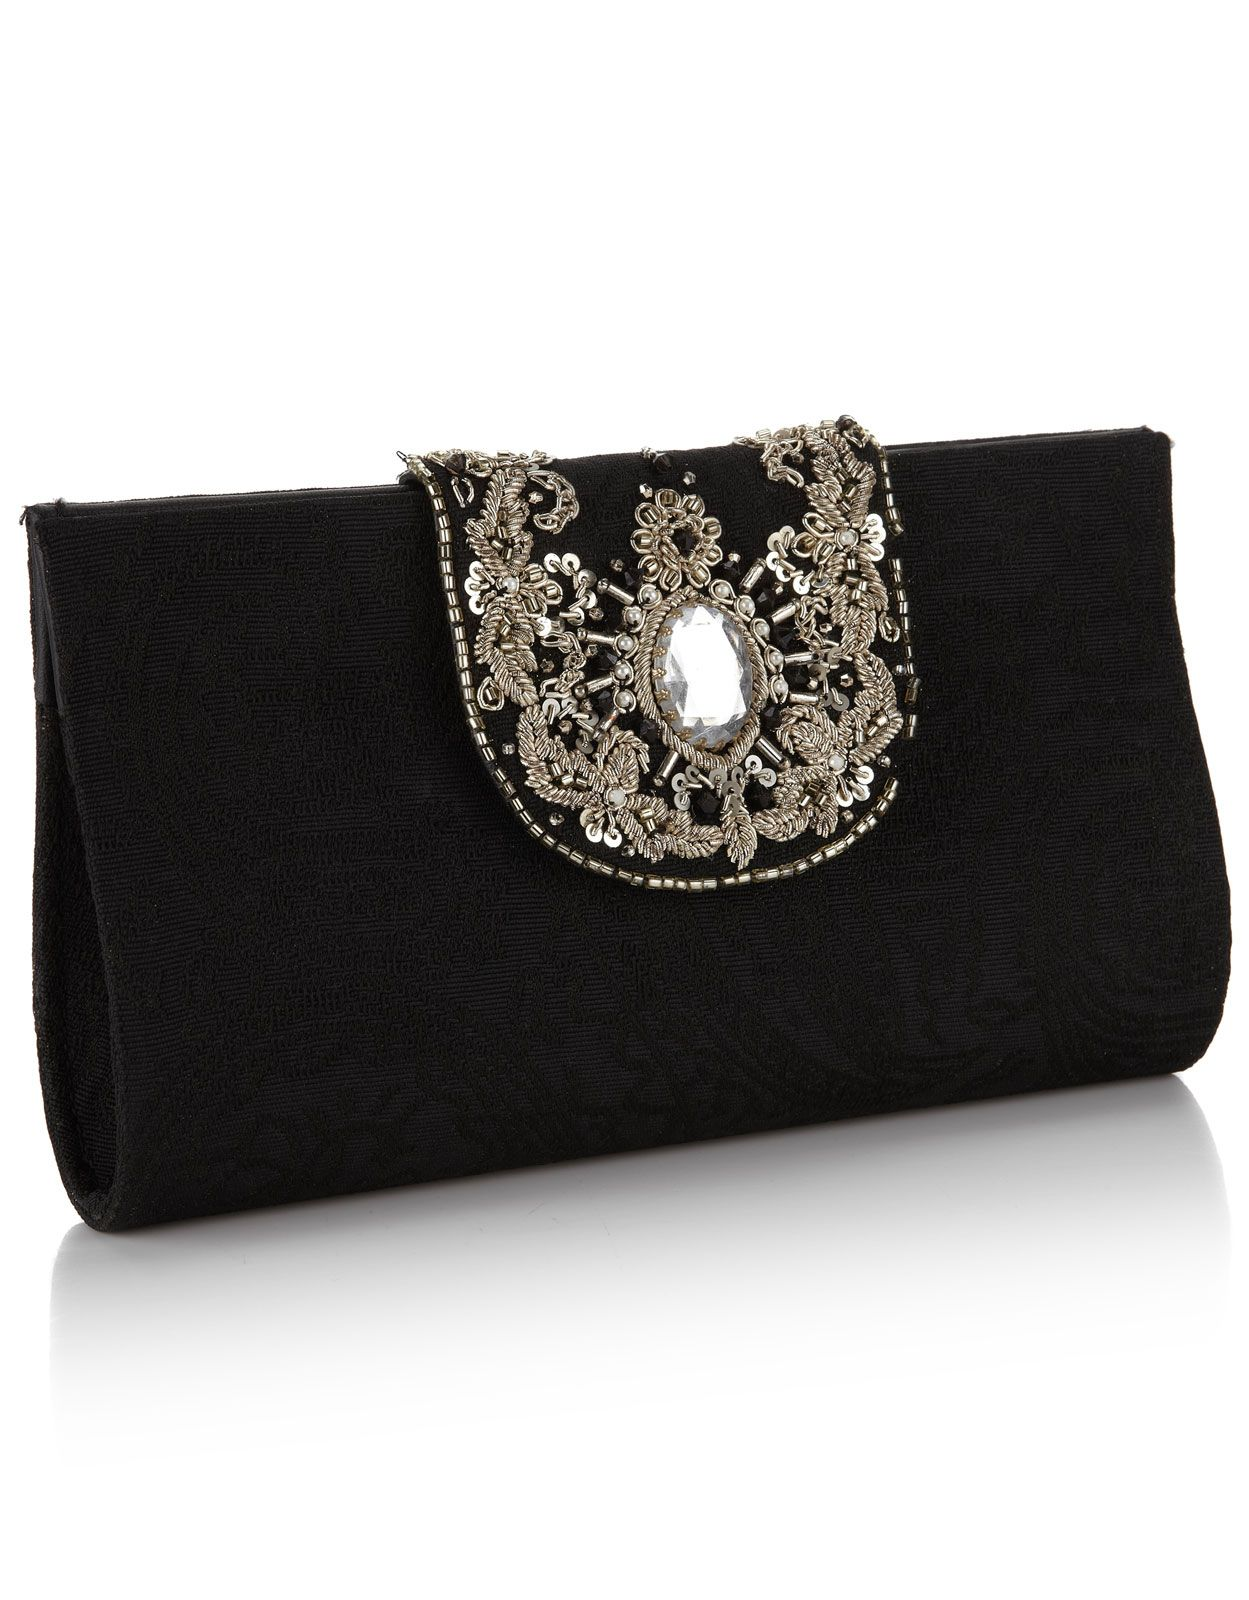 Pochette à Fermoir Joliment Décorée Chamis Noir Monsoon Embellished Clutch Bags Evening Clutches